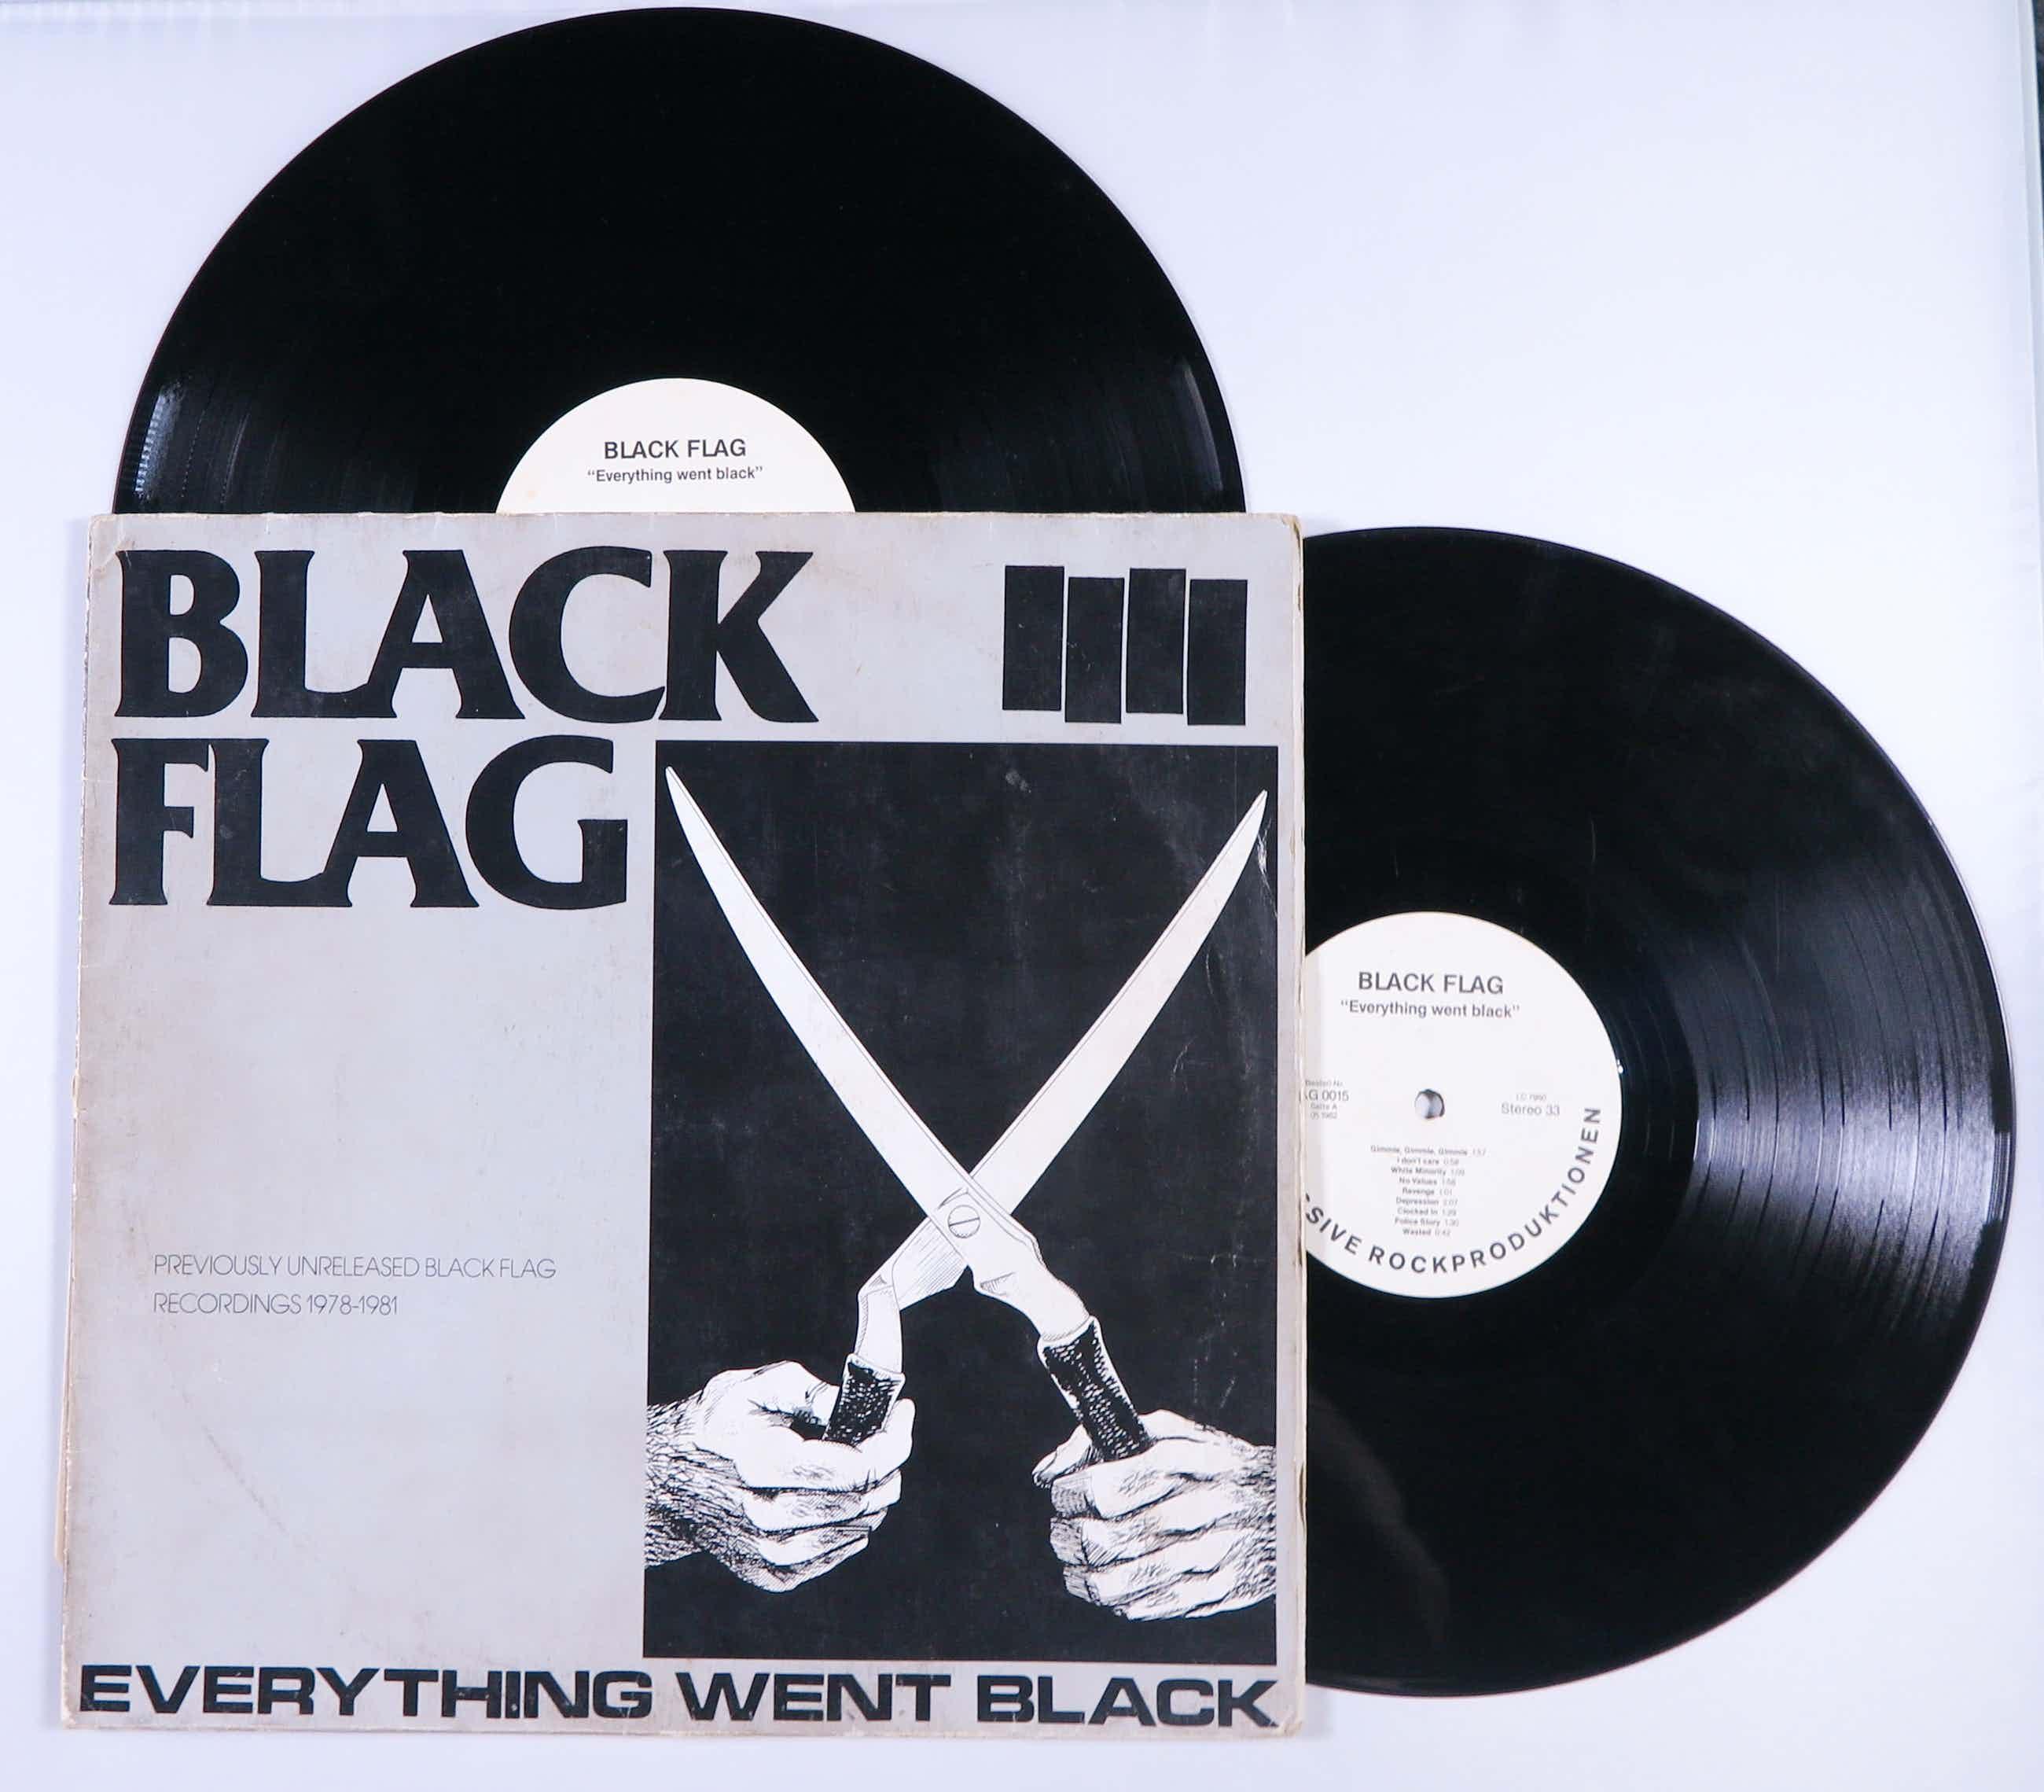 Black Flag - 2LP - Everything went black kopen? Bied vanaf 15!